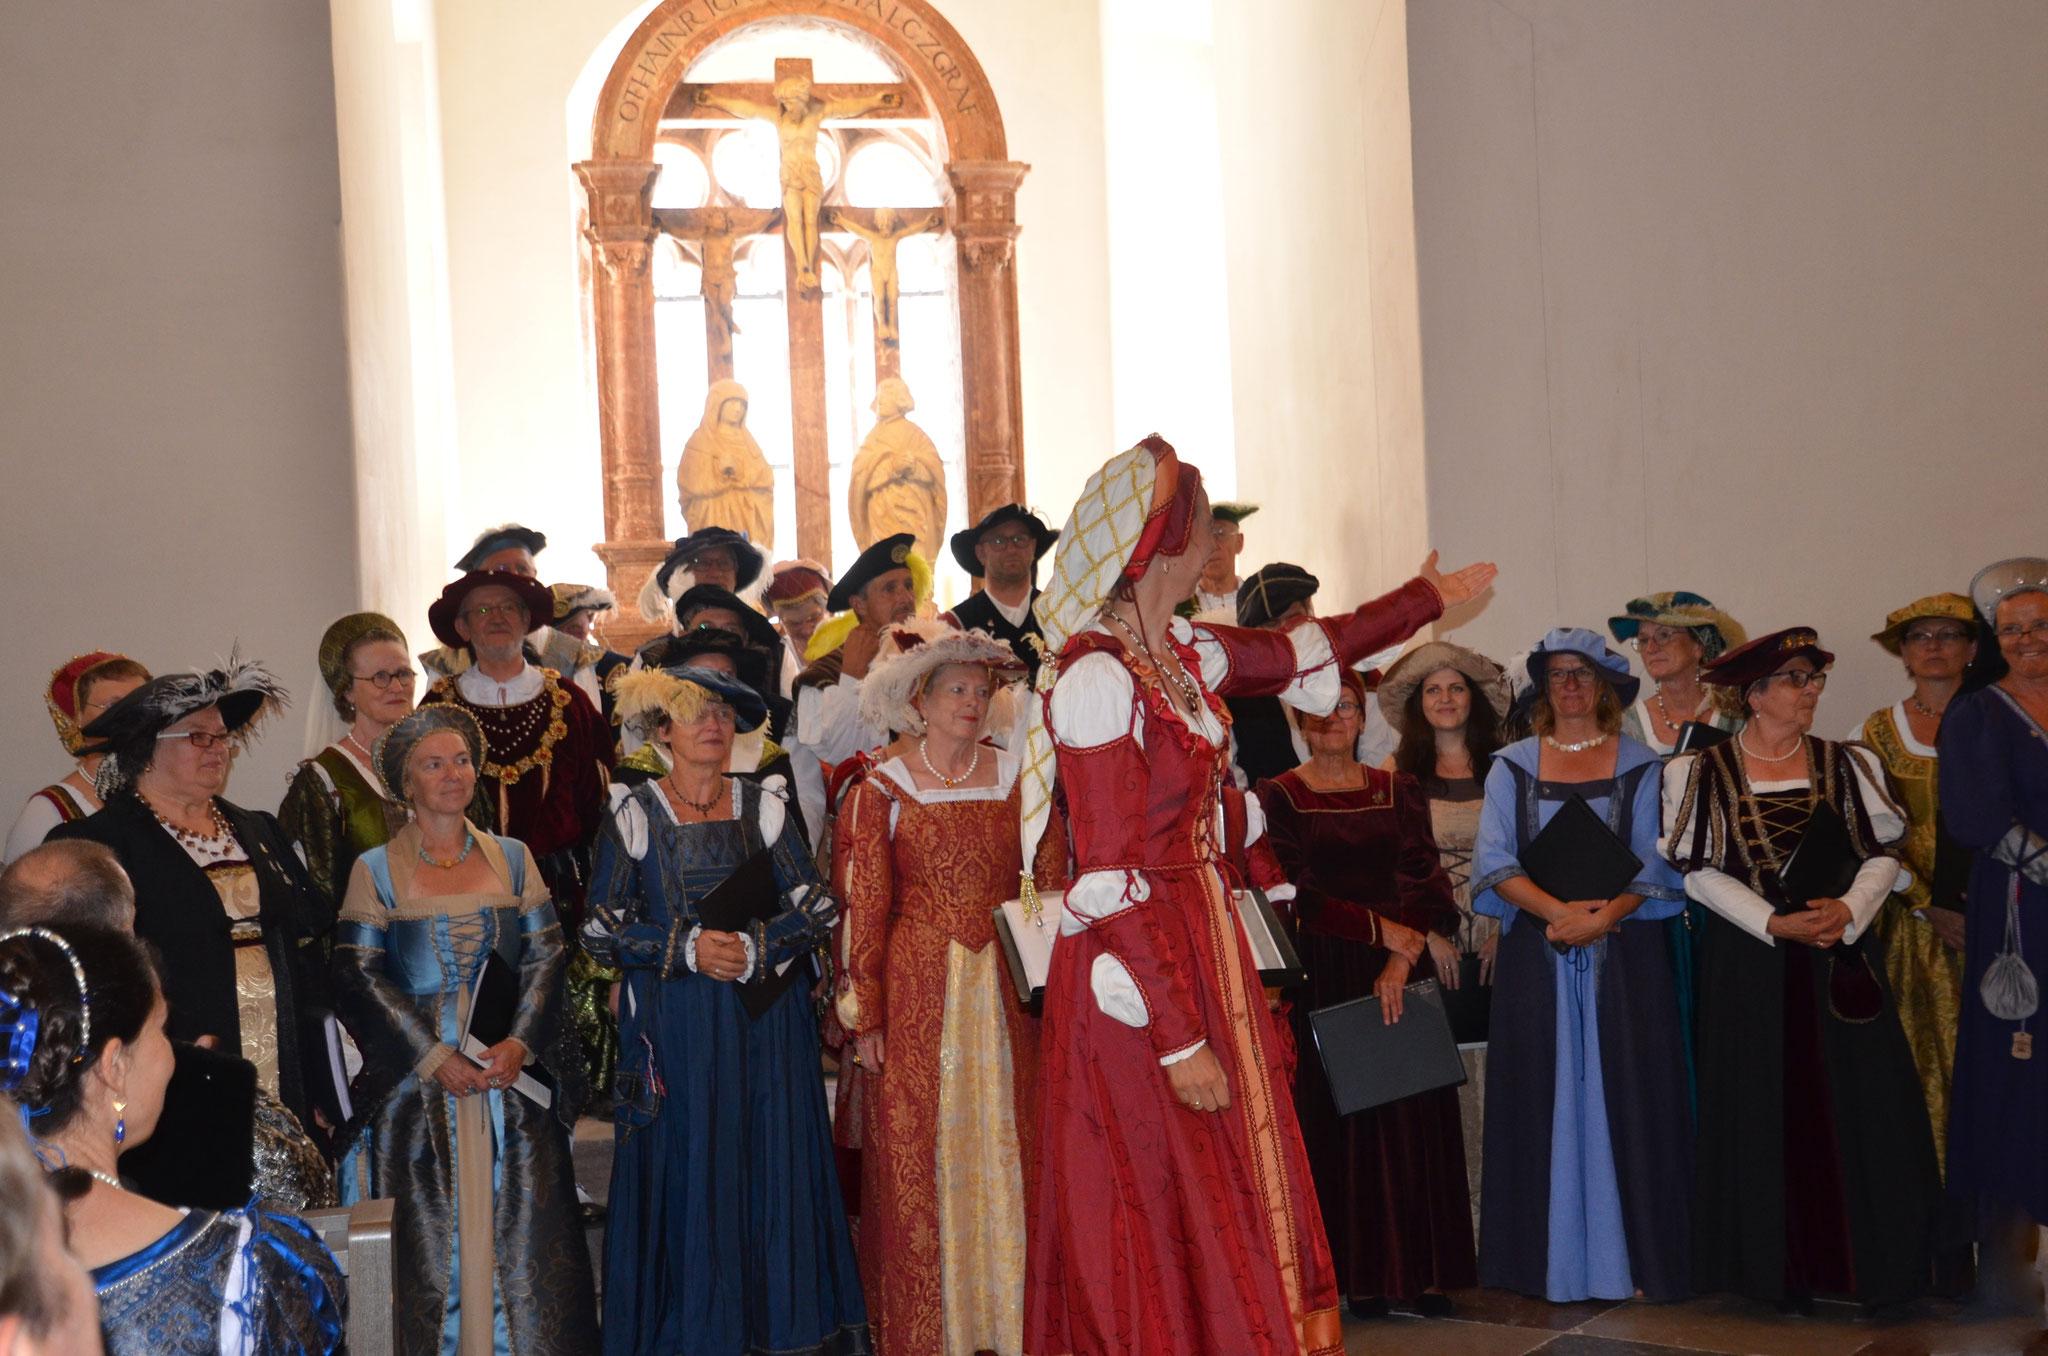 Schlossfest 2019 - Geistliche Matinee in der Schlosskapelle (Foto: Veit Mikyska)